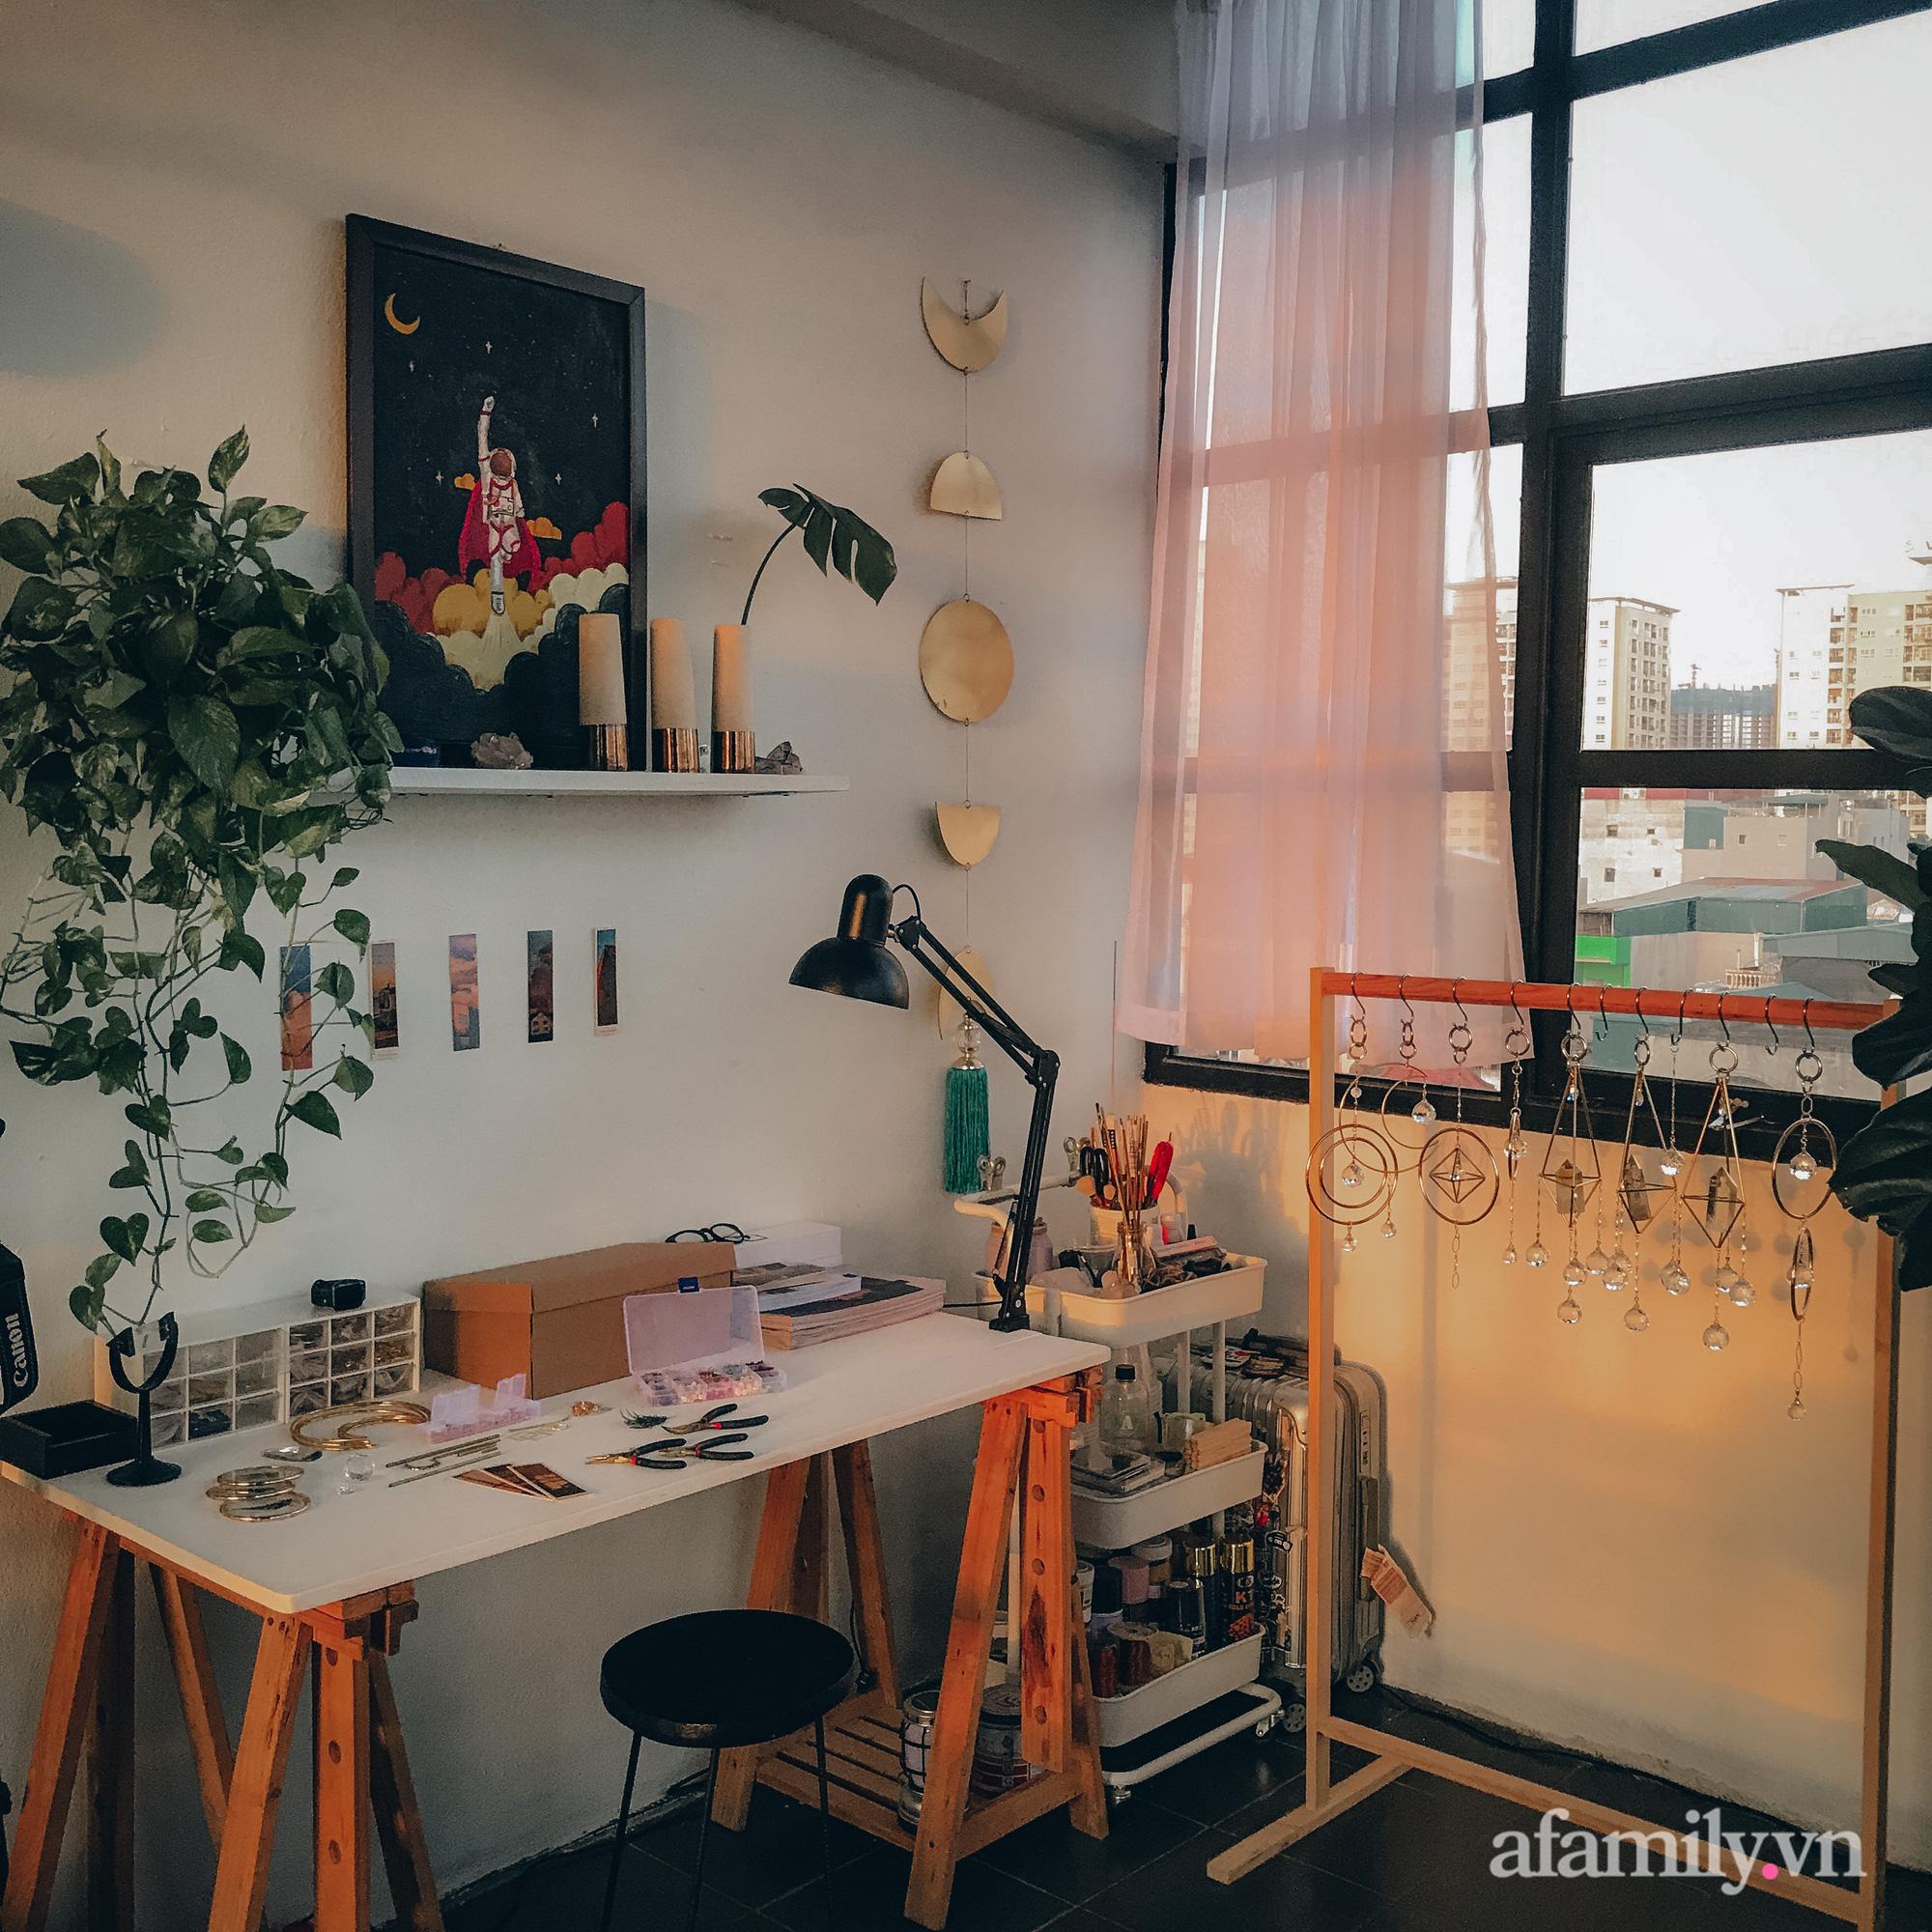 Với 5 triệu đồng để cải tạo, chàng trai Hà Nội có ngay phòng ốc siêu xịn sò như studio tạp chí - Ảnh 11.